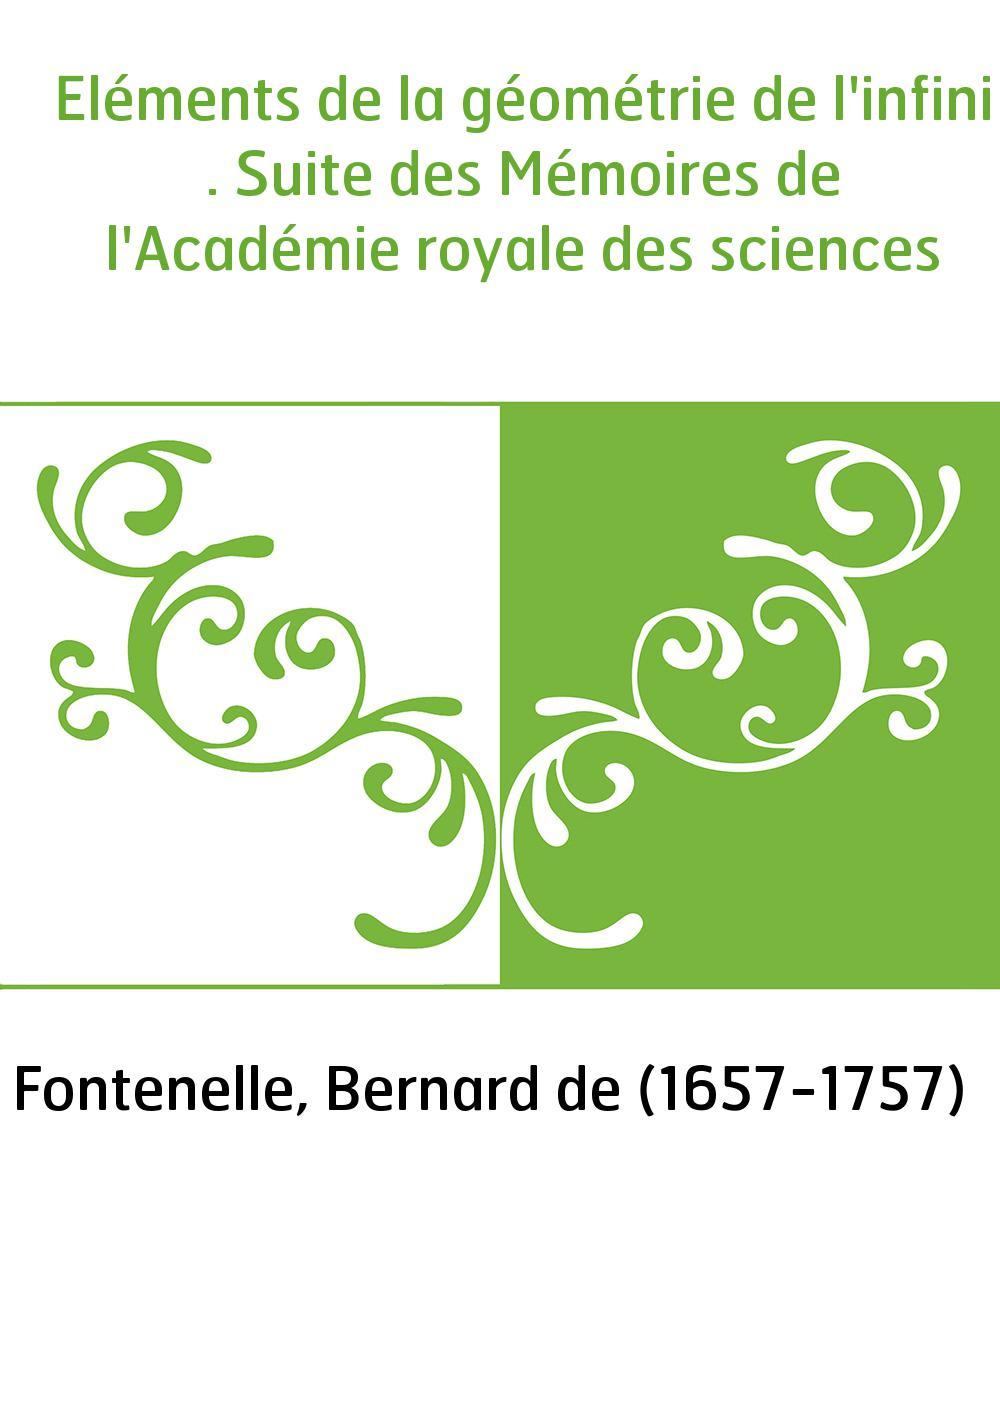 Eléments de la géométrie de l'infini . Suite des Mémoires de l'Académie royale des sciences